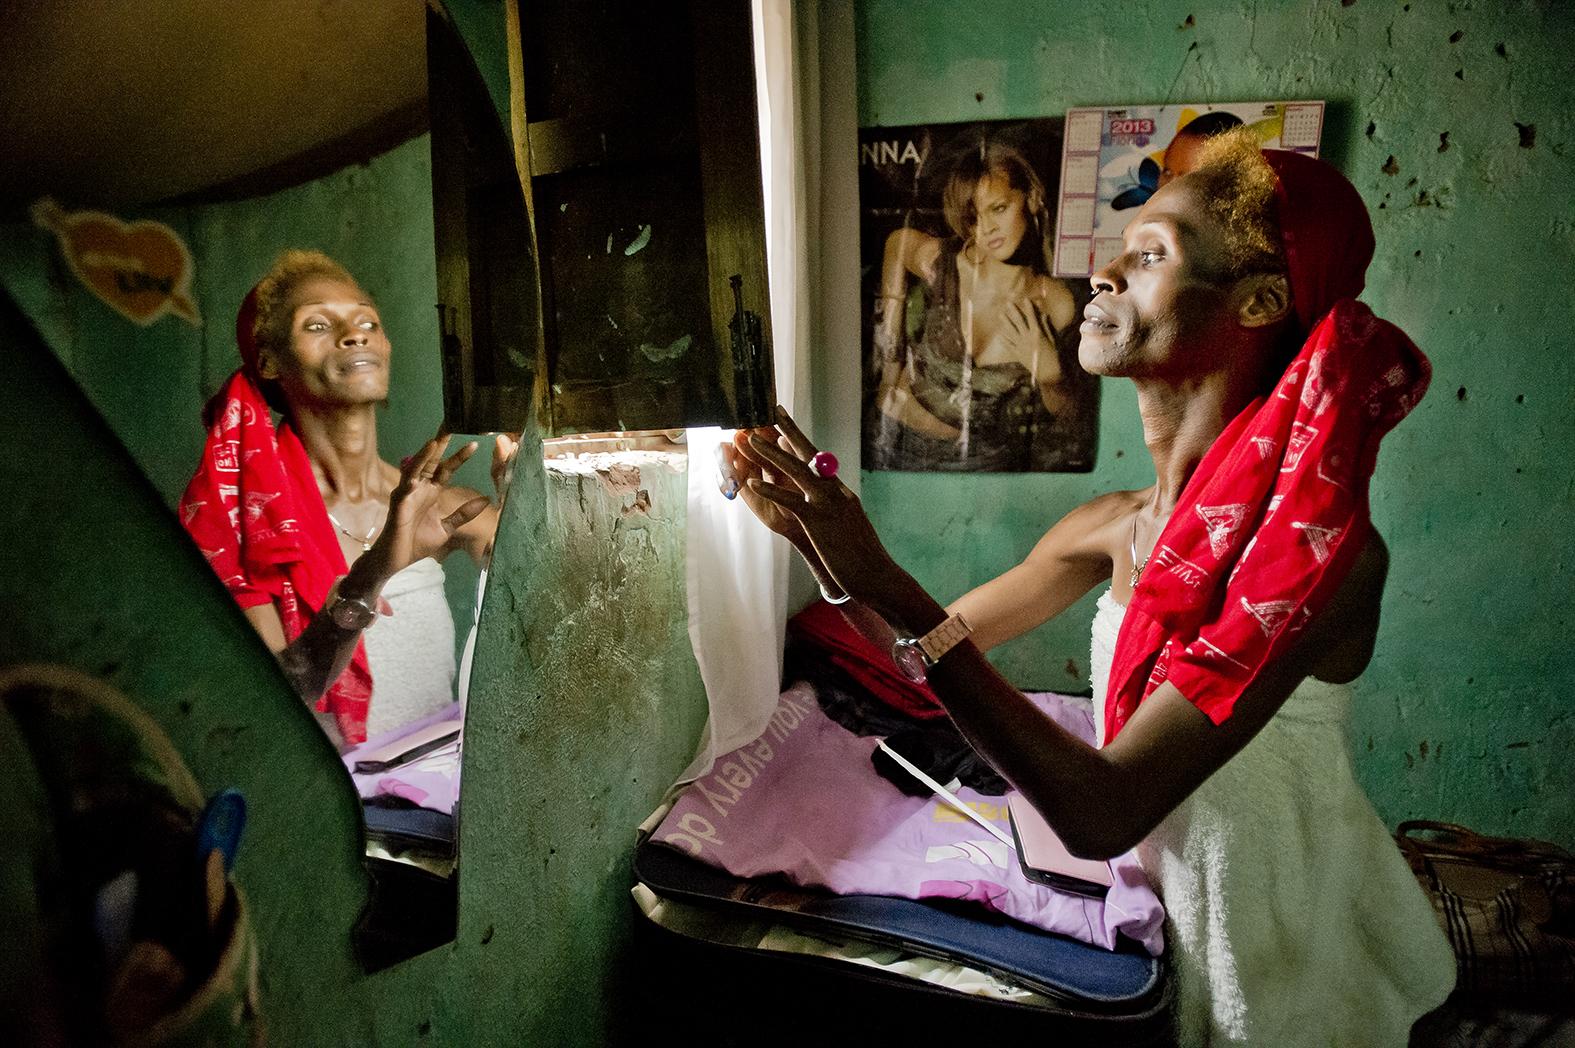 Bobeth, transsexuelle travesti ouvre le volet de sa chambre, dans sa minuscule maison dans un quartier de Kigali.  « Dans le voisinage, on s'interroge sur mon sexe. Je suis leur  sujet de conversation. »